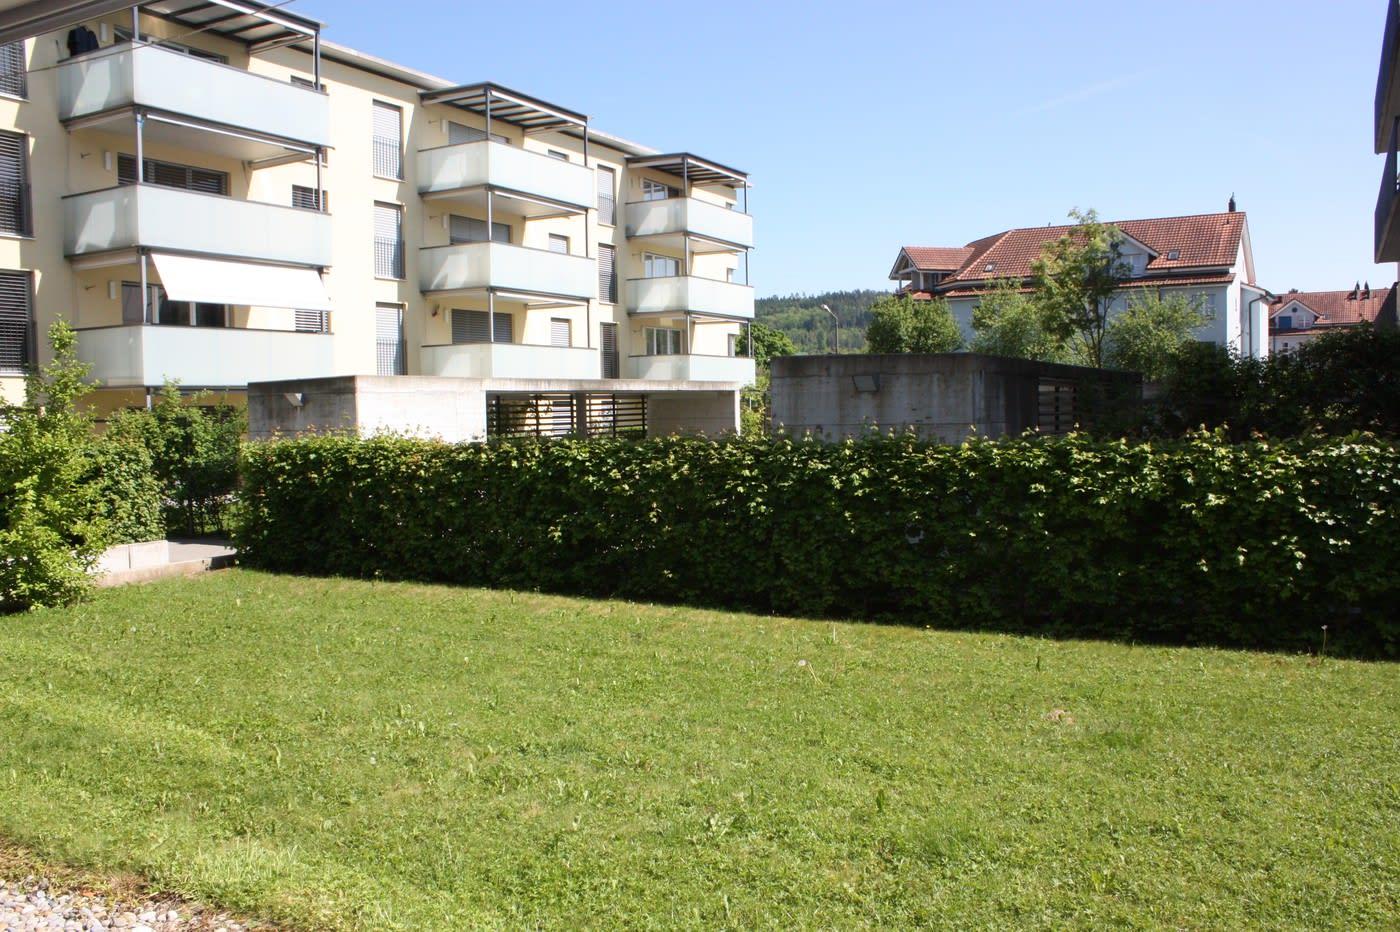 Schlossackerstrasse 24